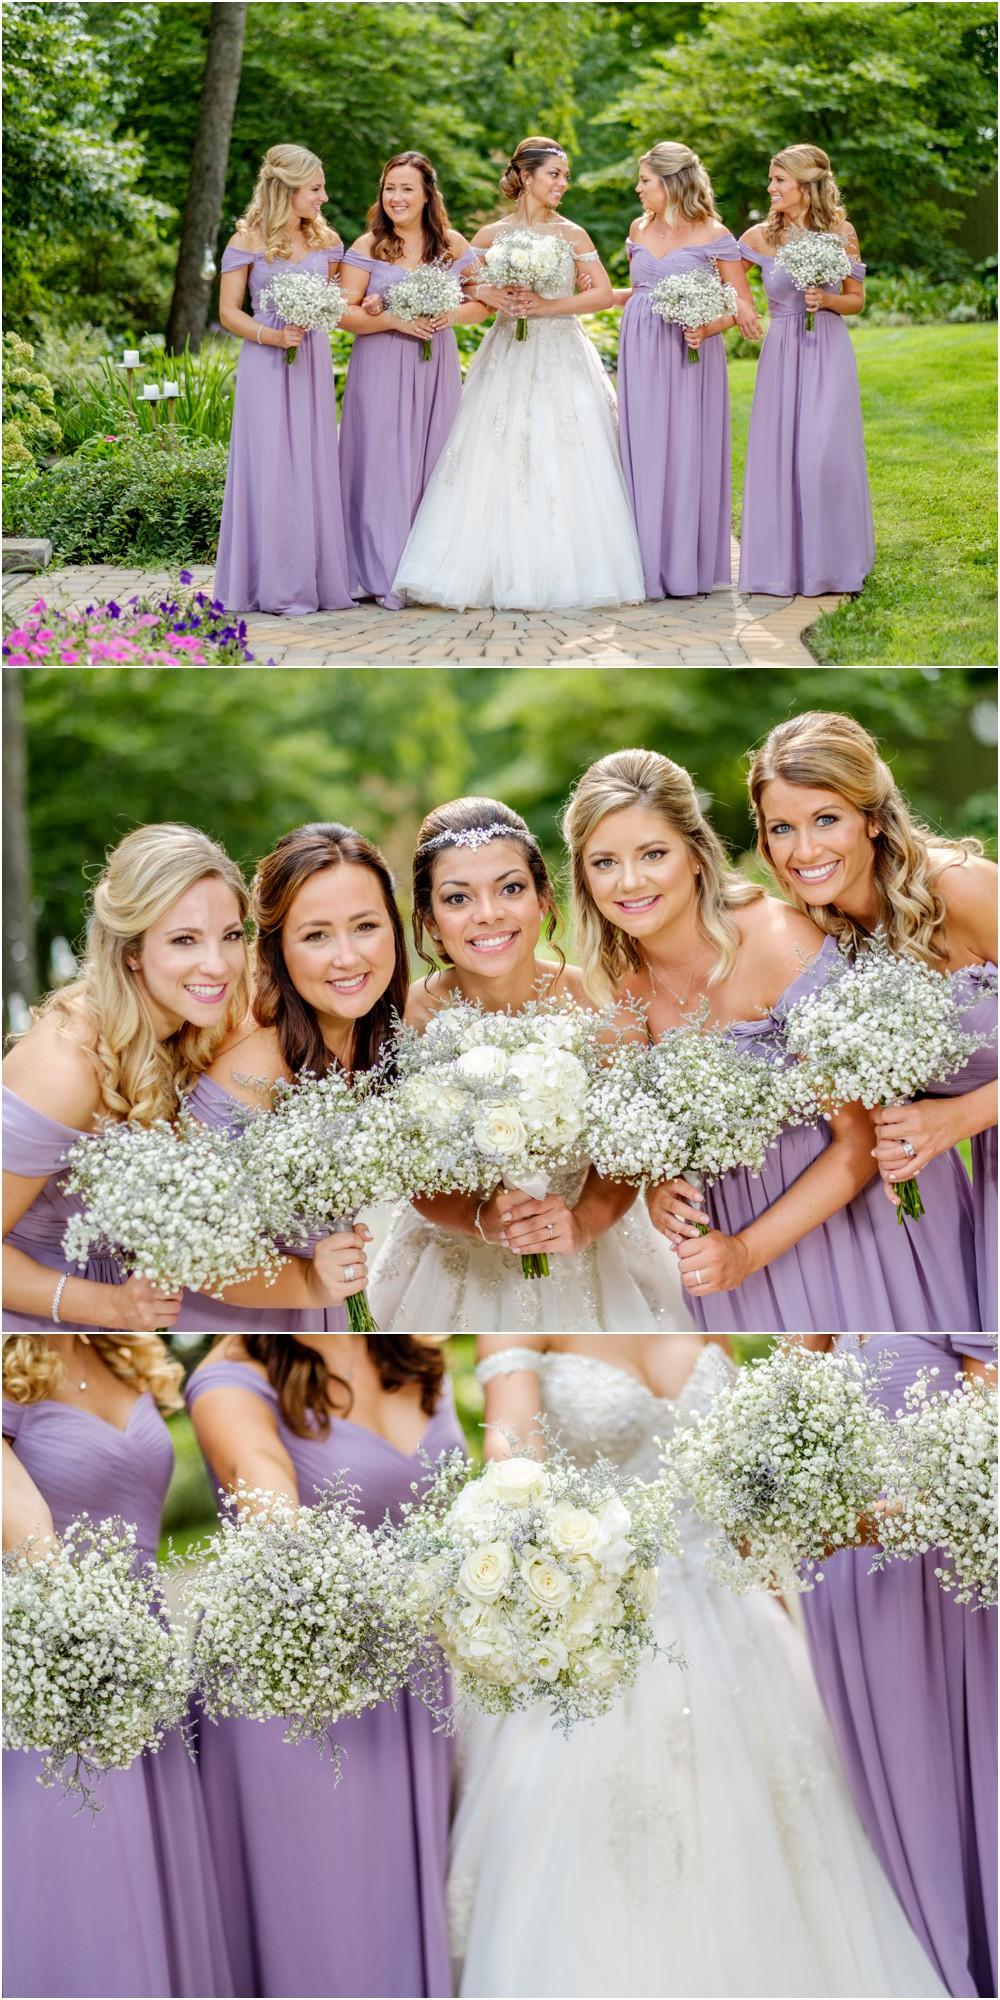 wedding-pictures-at-Avon-gardens_0005.jpg